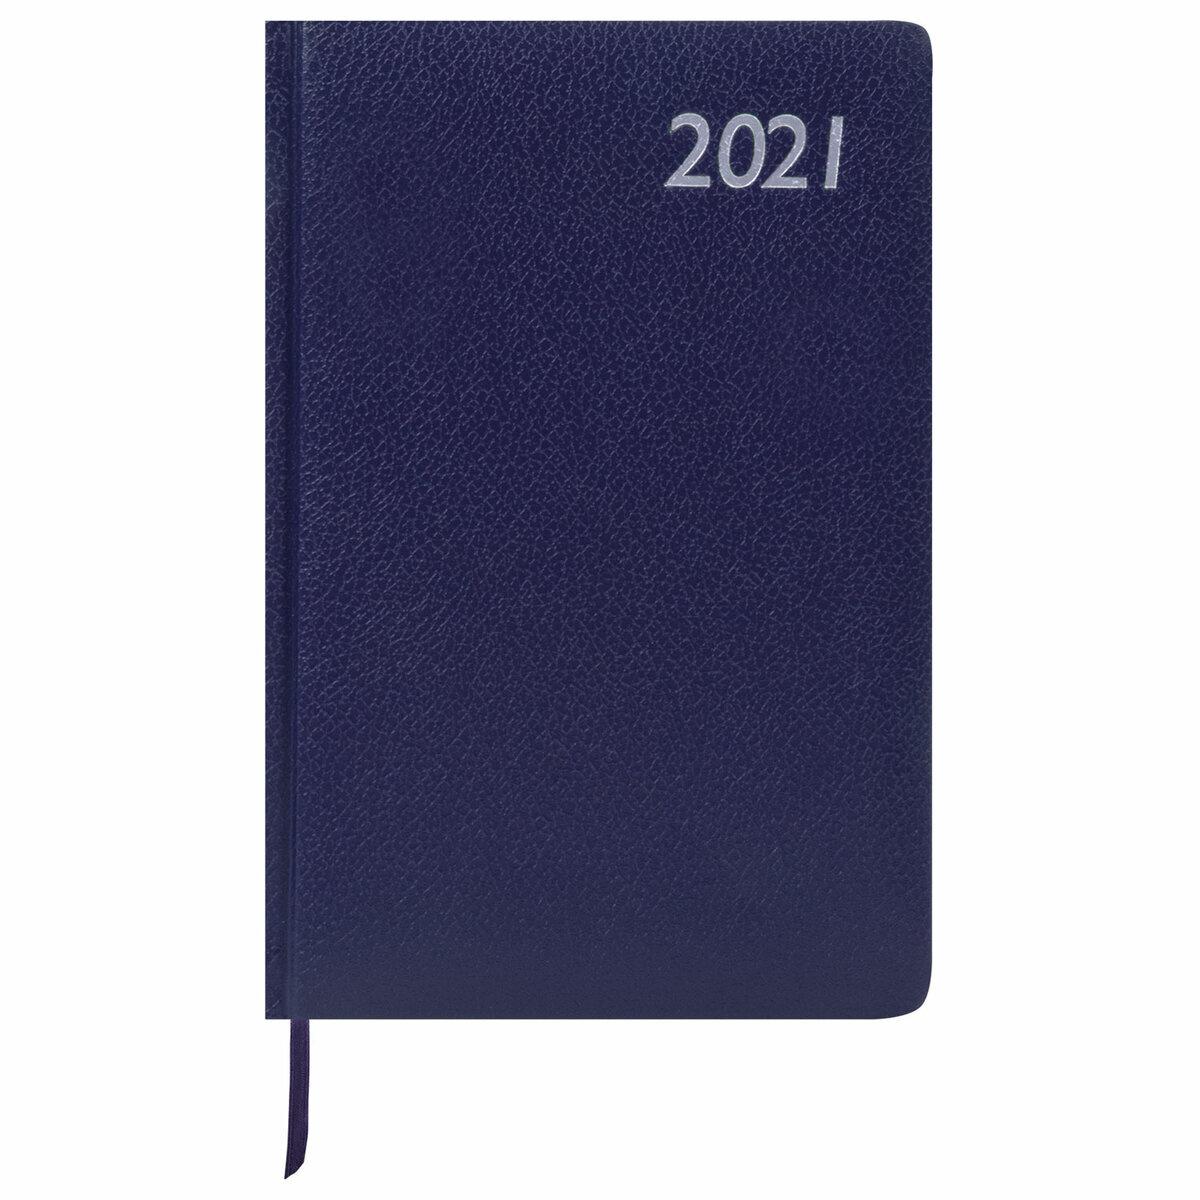 Еженедельник-планер (планинг) датированный формата А5 на 2021 год, 64 листа, Brauberg Instinct, кожзам, #1